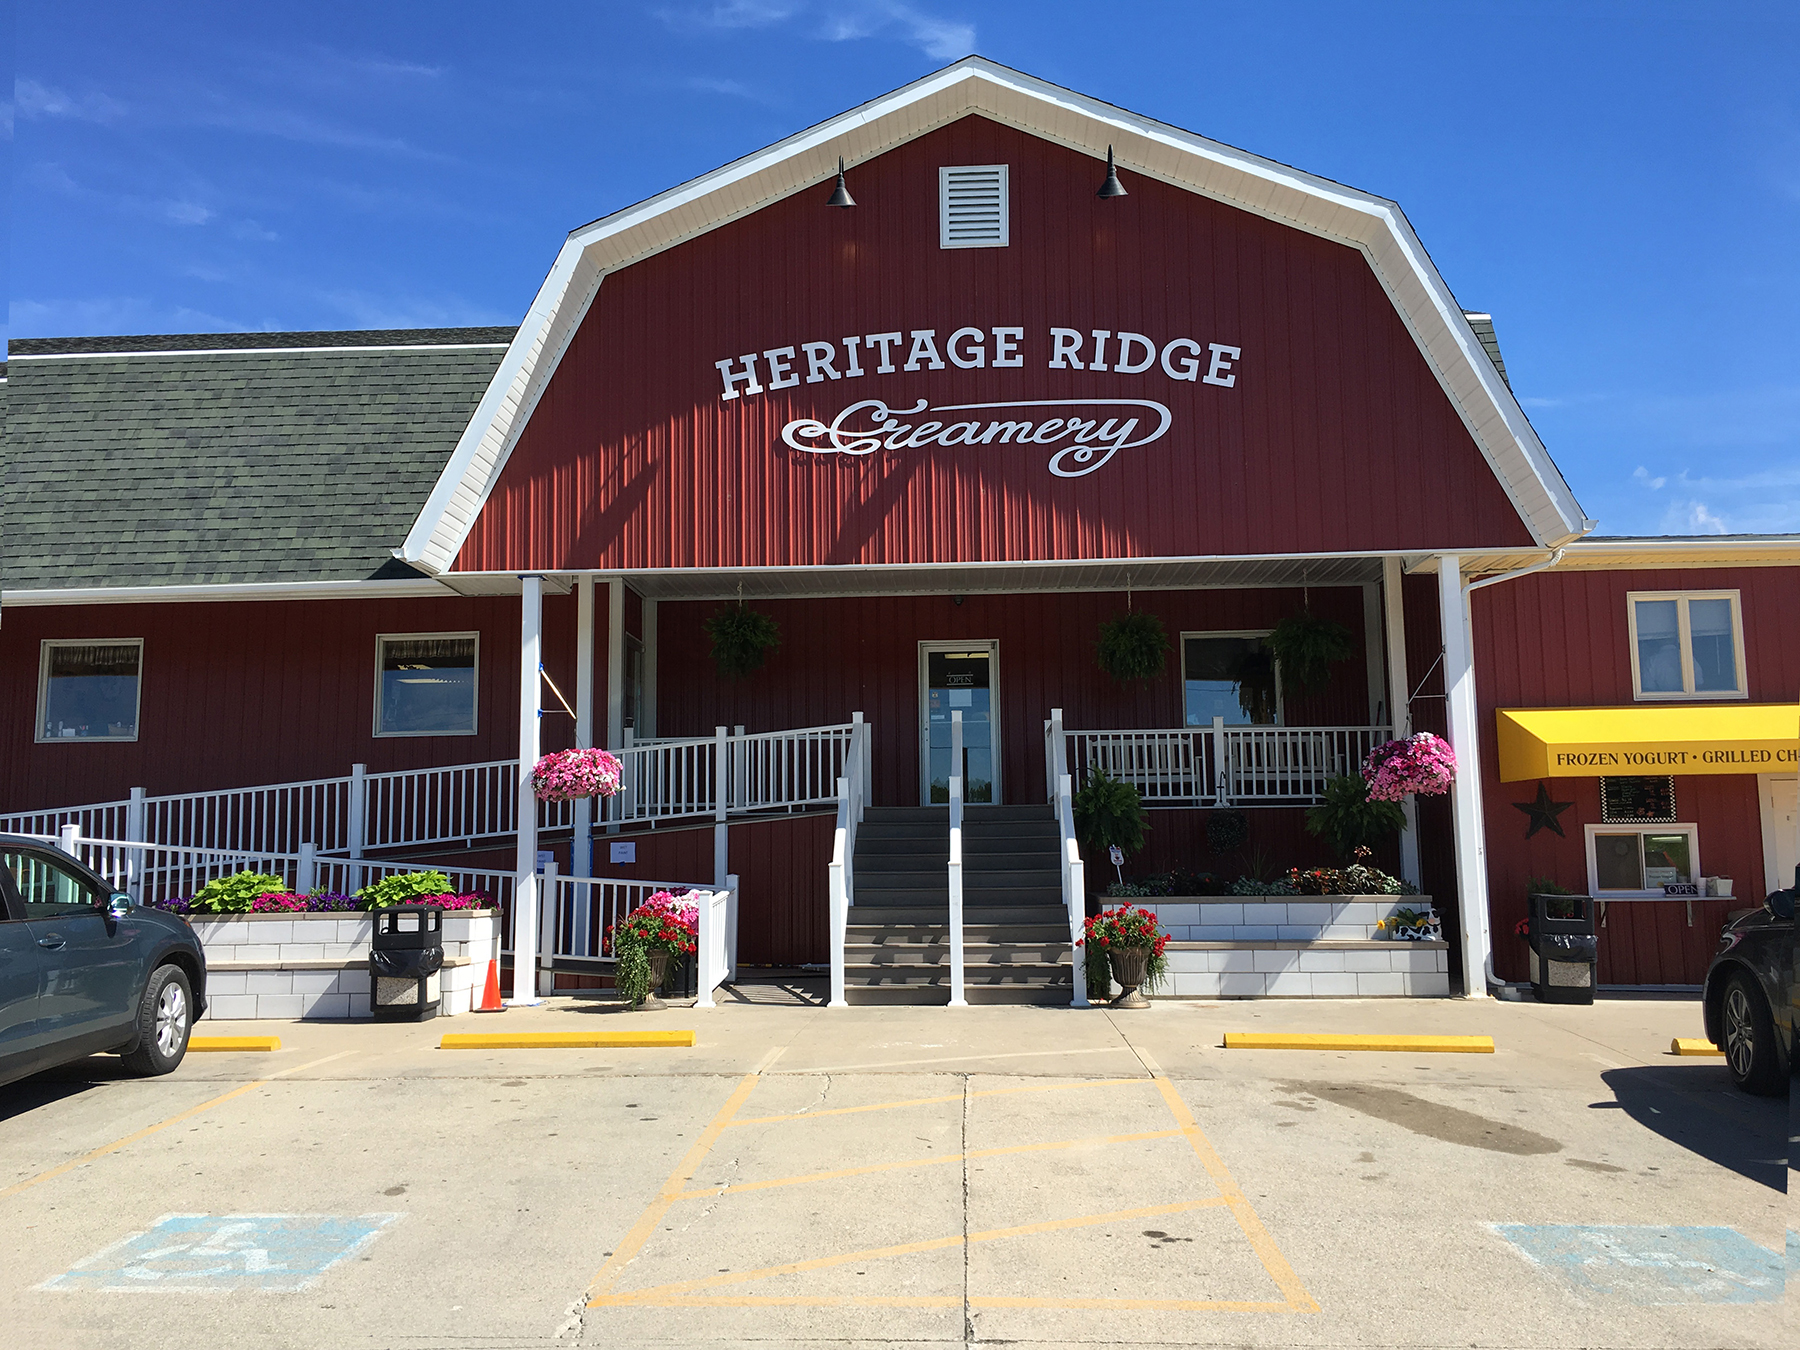 Heritage Ridge Creamery